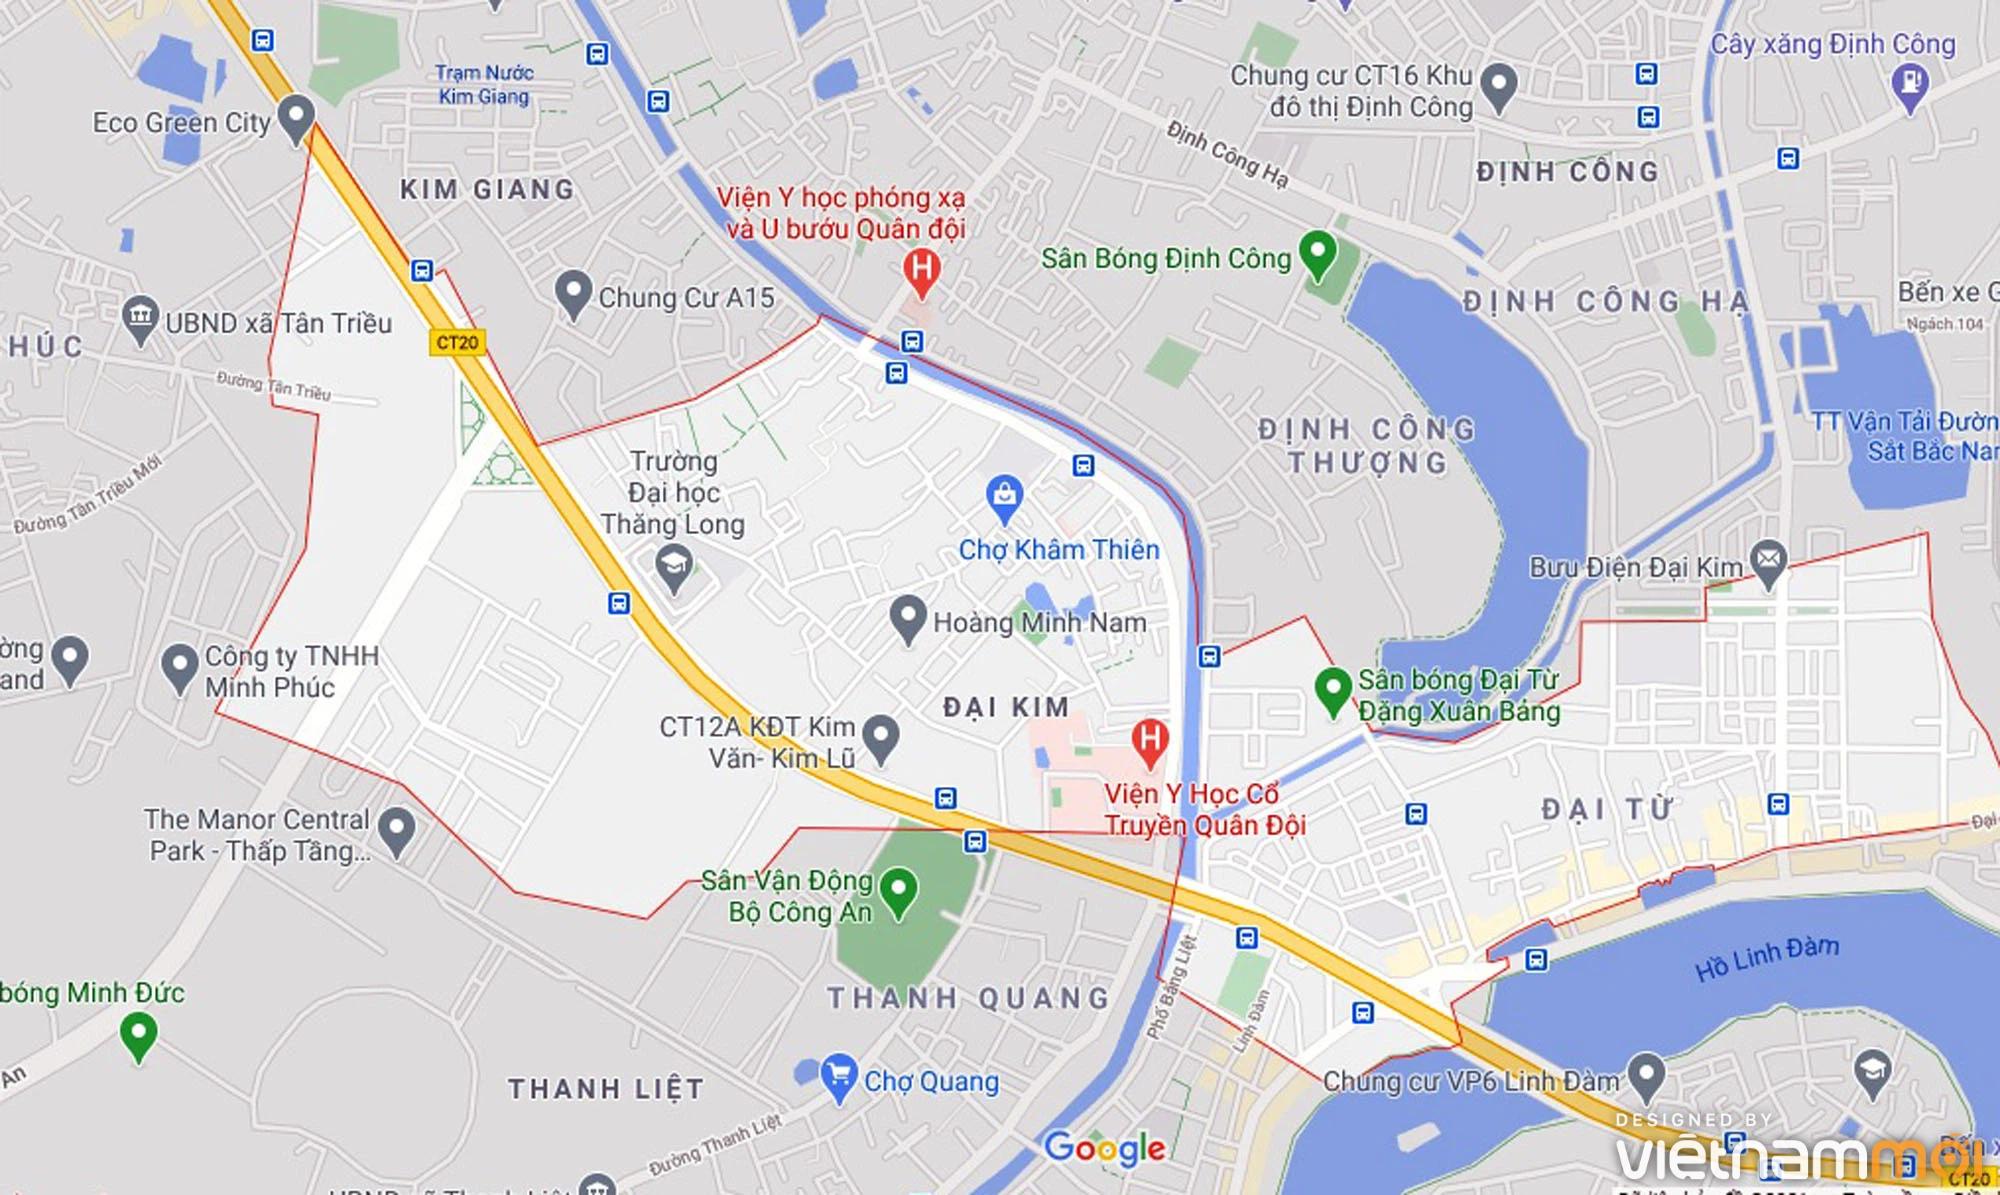 Đường sẽ mở theo quy hoạch ở phường Đại Kim, Hoàng Mai, Hà Nội (phần 2) - Ảnh 1.